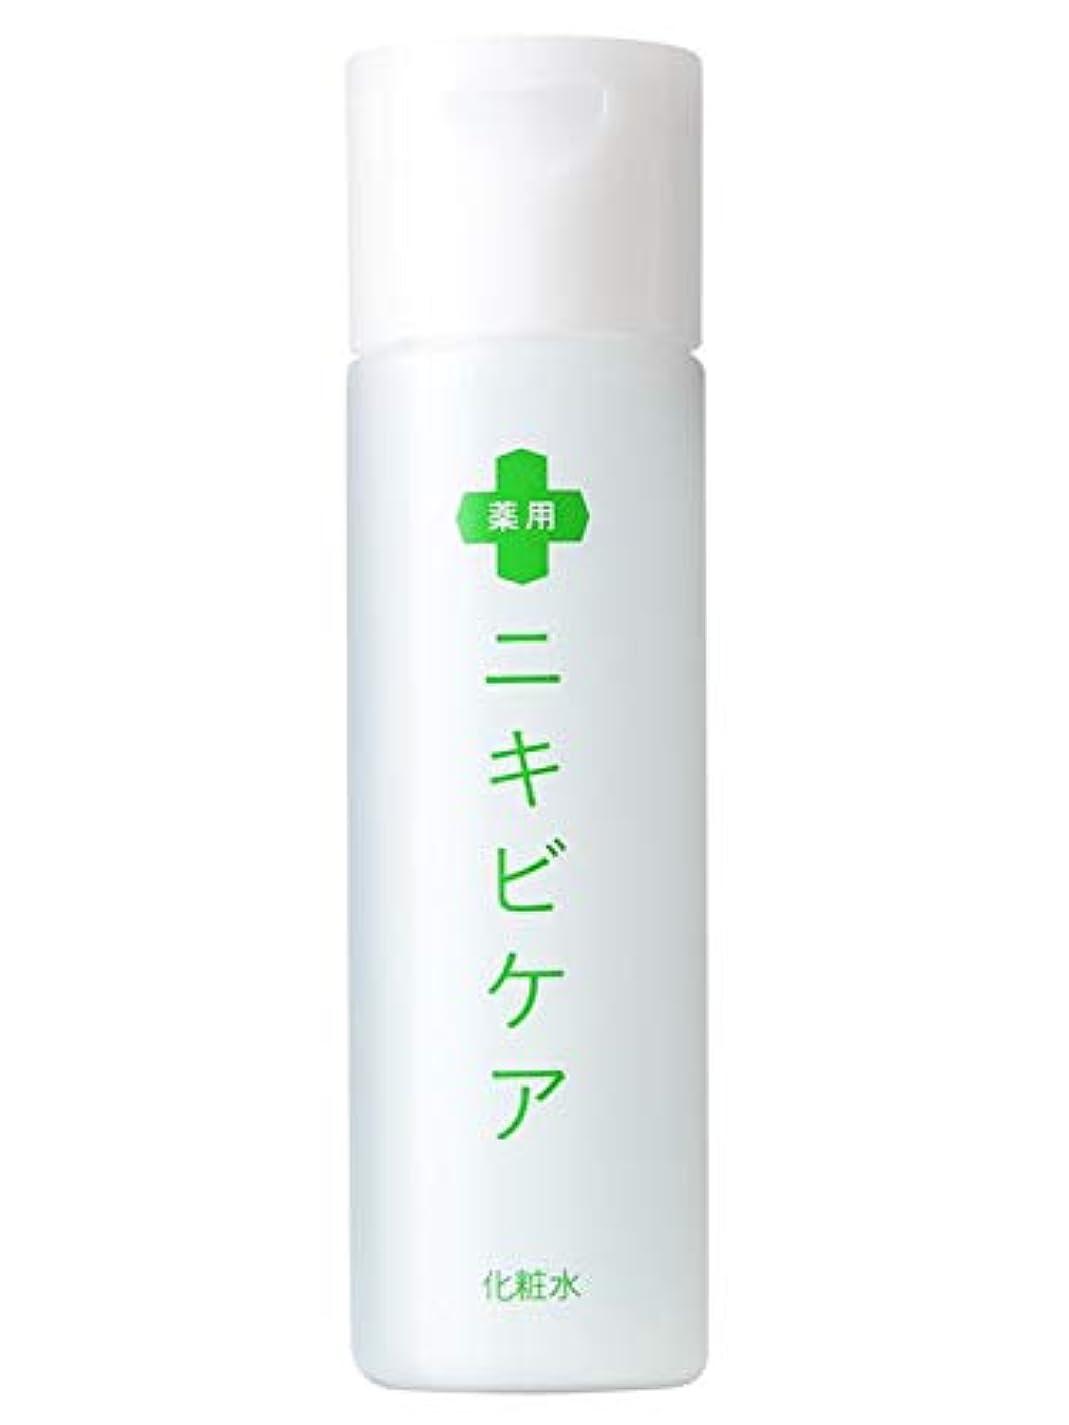 公蜂フォージ医薬部外品 薬用 ニキビケア 化粧水 大人ニキビ 予防「 あご おでこ 鼻 ニキビ アクネ 対策」「 肌をひきしめサラサラに 」「 コラーゲン プラセンタ 配合 」 メンズ & レディース 120ml